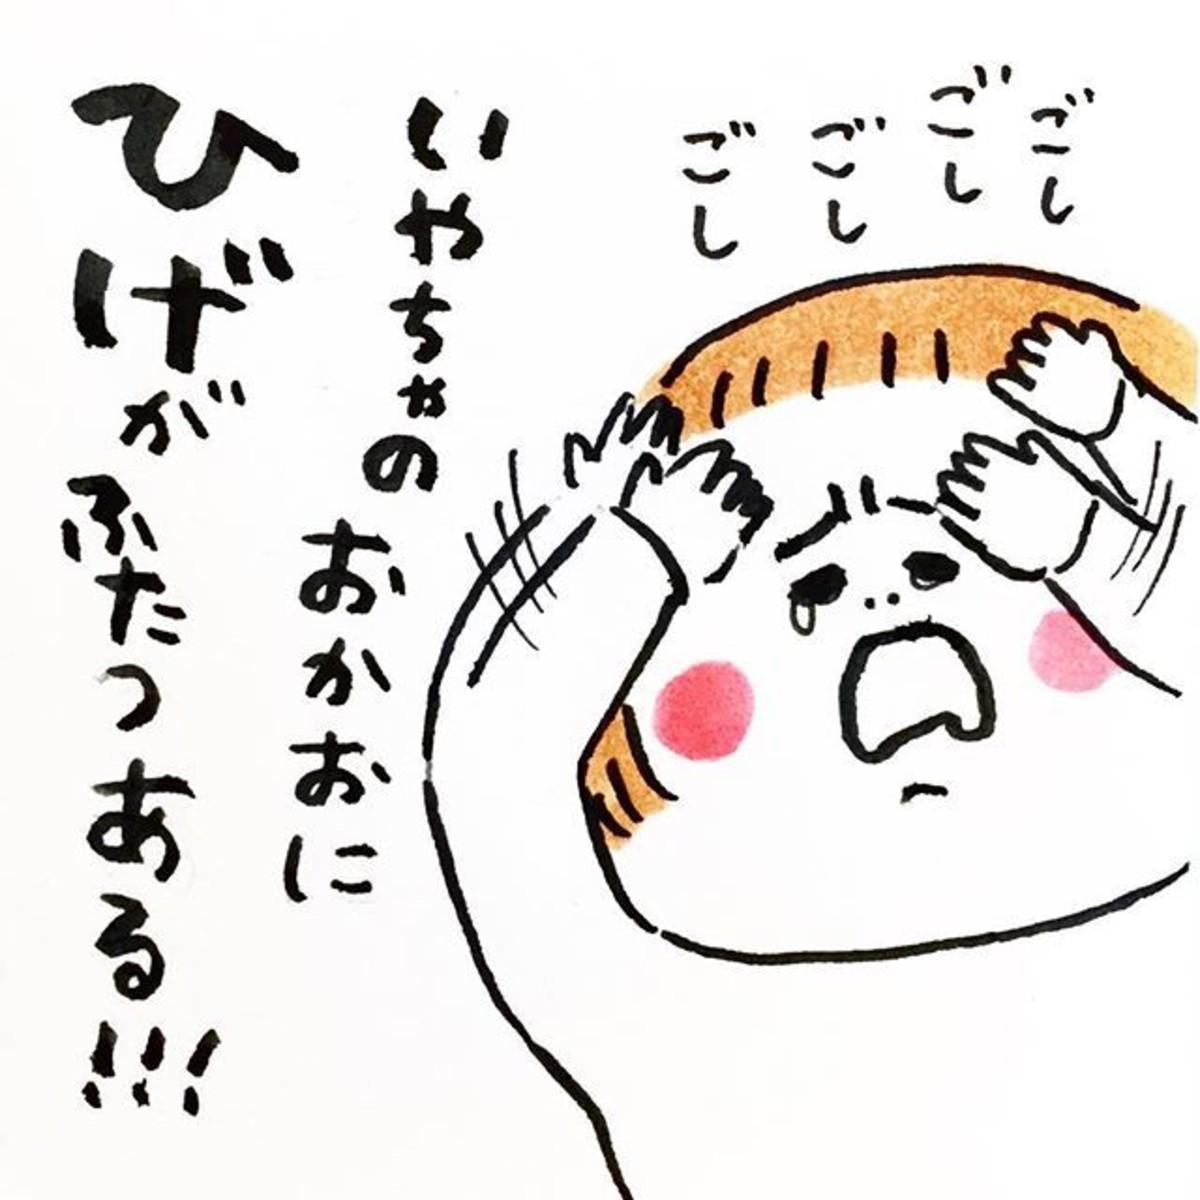 2ページ目) かわいいイラストに癒やされる!ヒビユウ(@hibi_yuu)さんと2